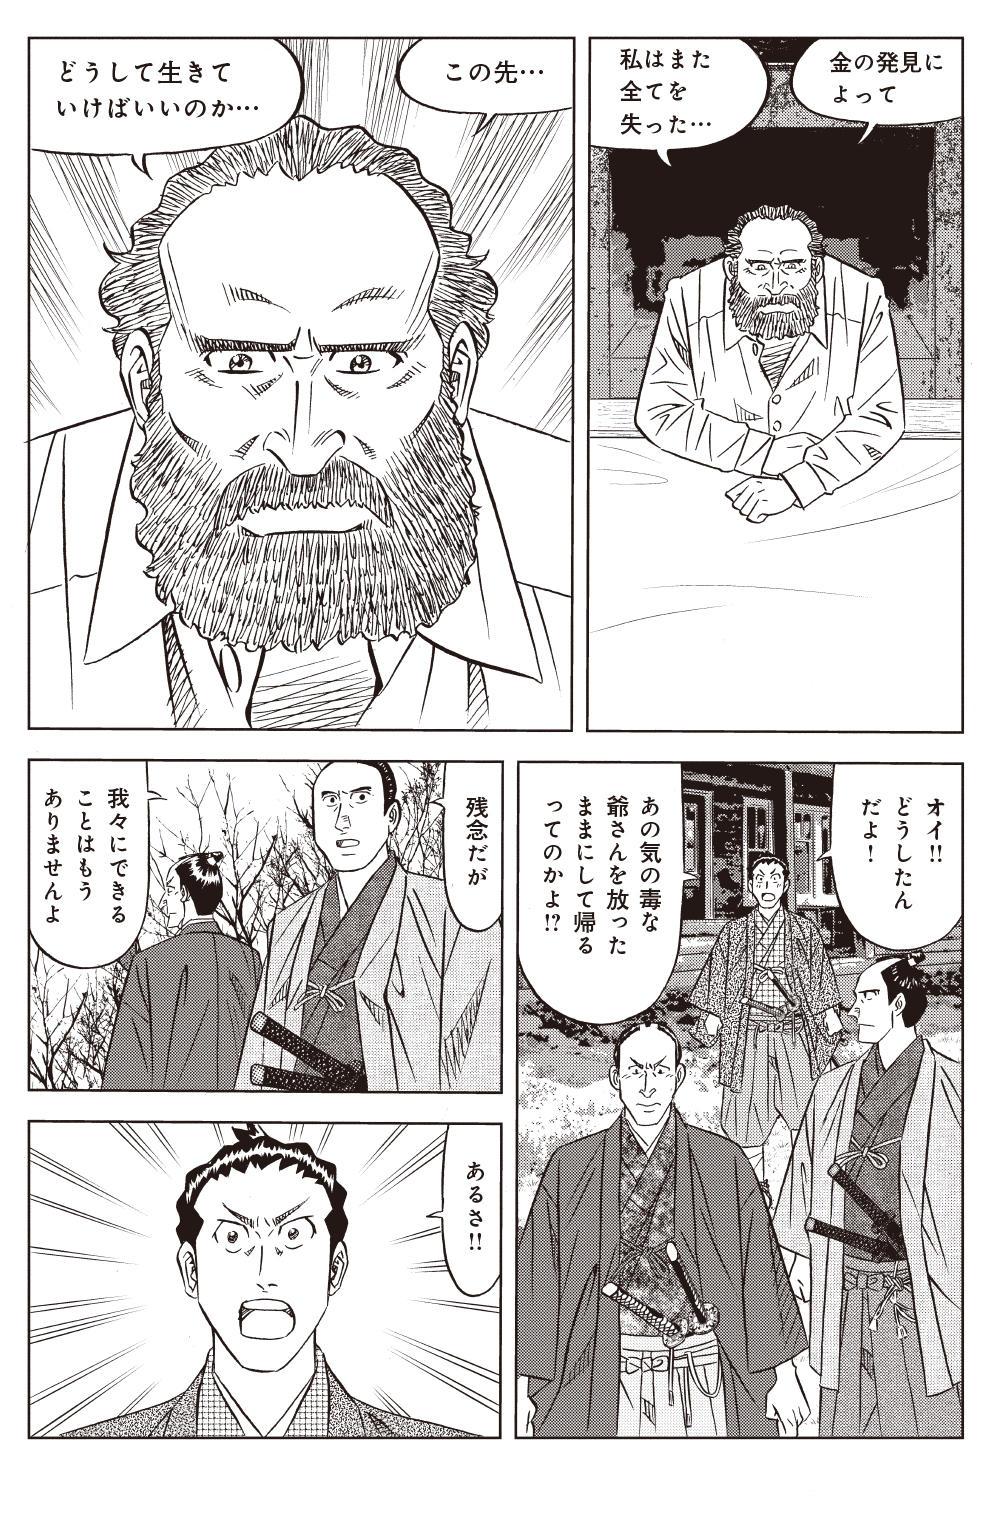 ミスター味っ子 幕末編 第3話「黄金大陸」②ajikko02-96.jpg